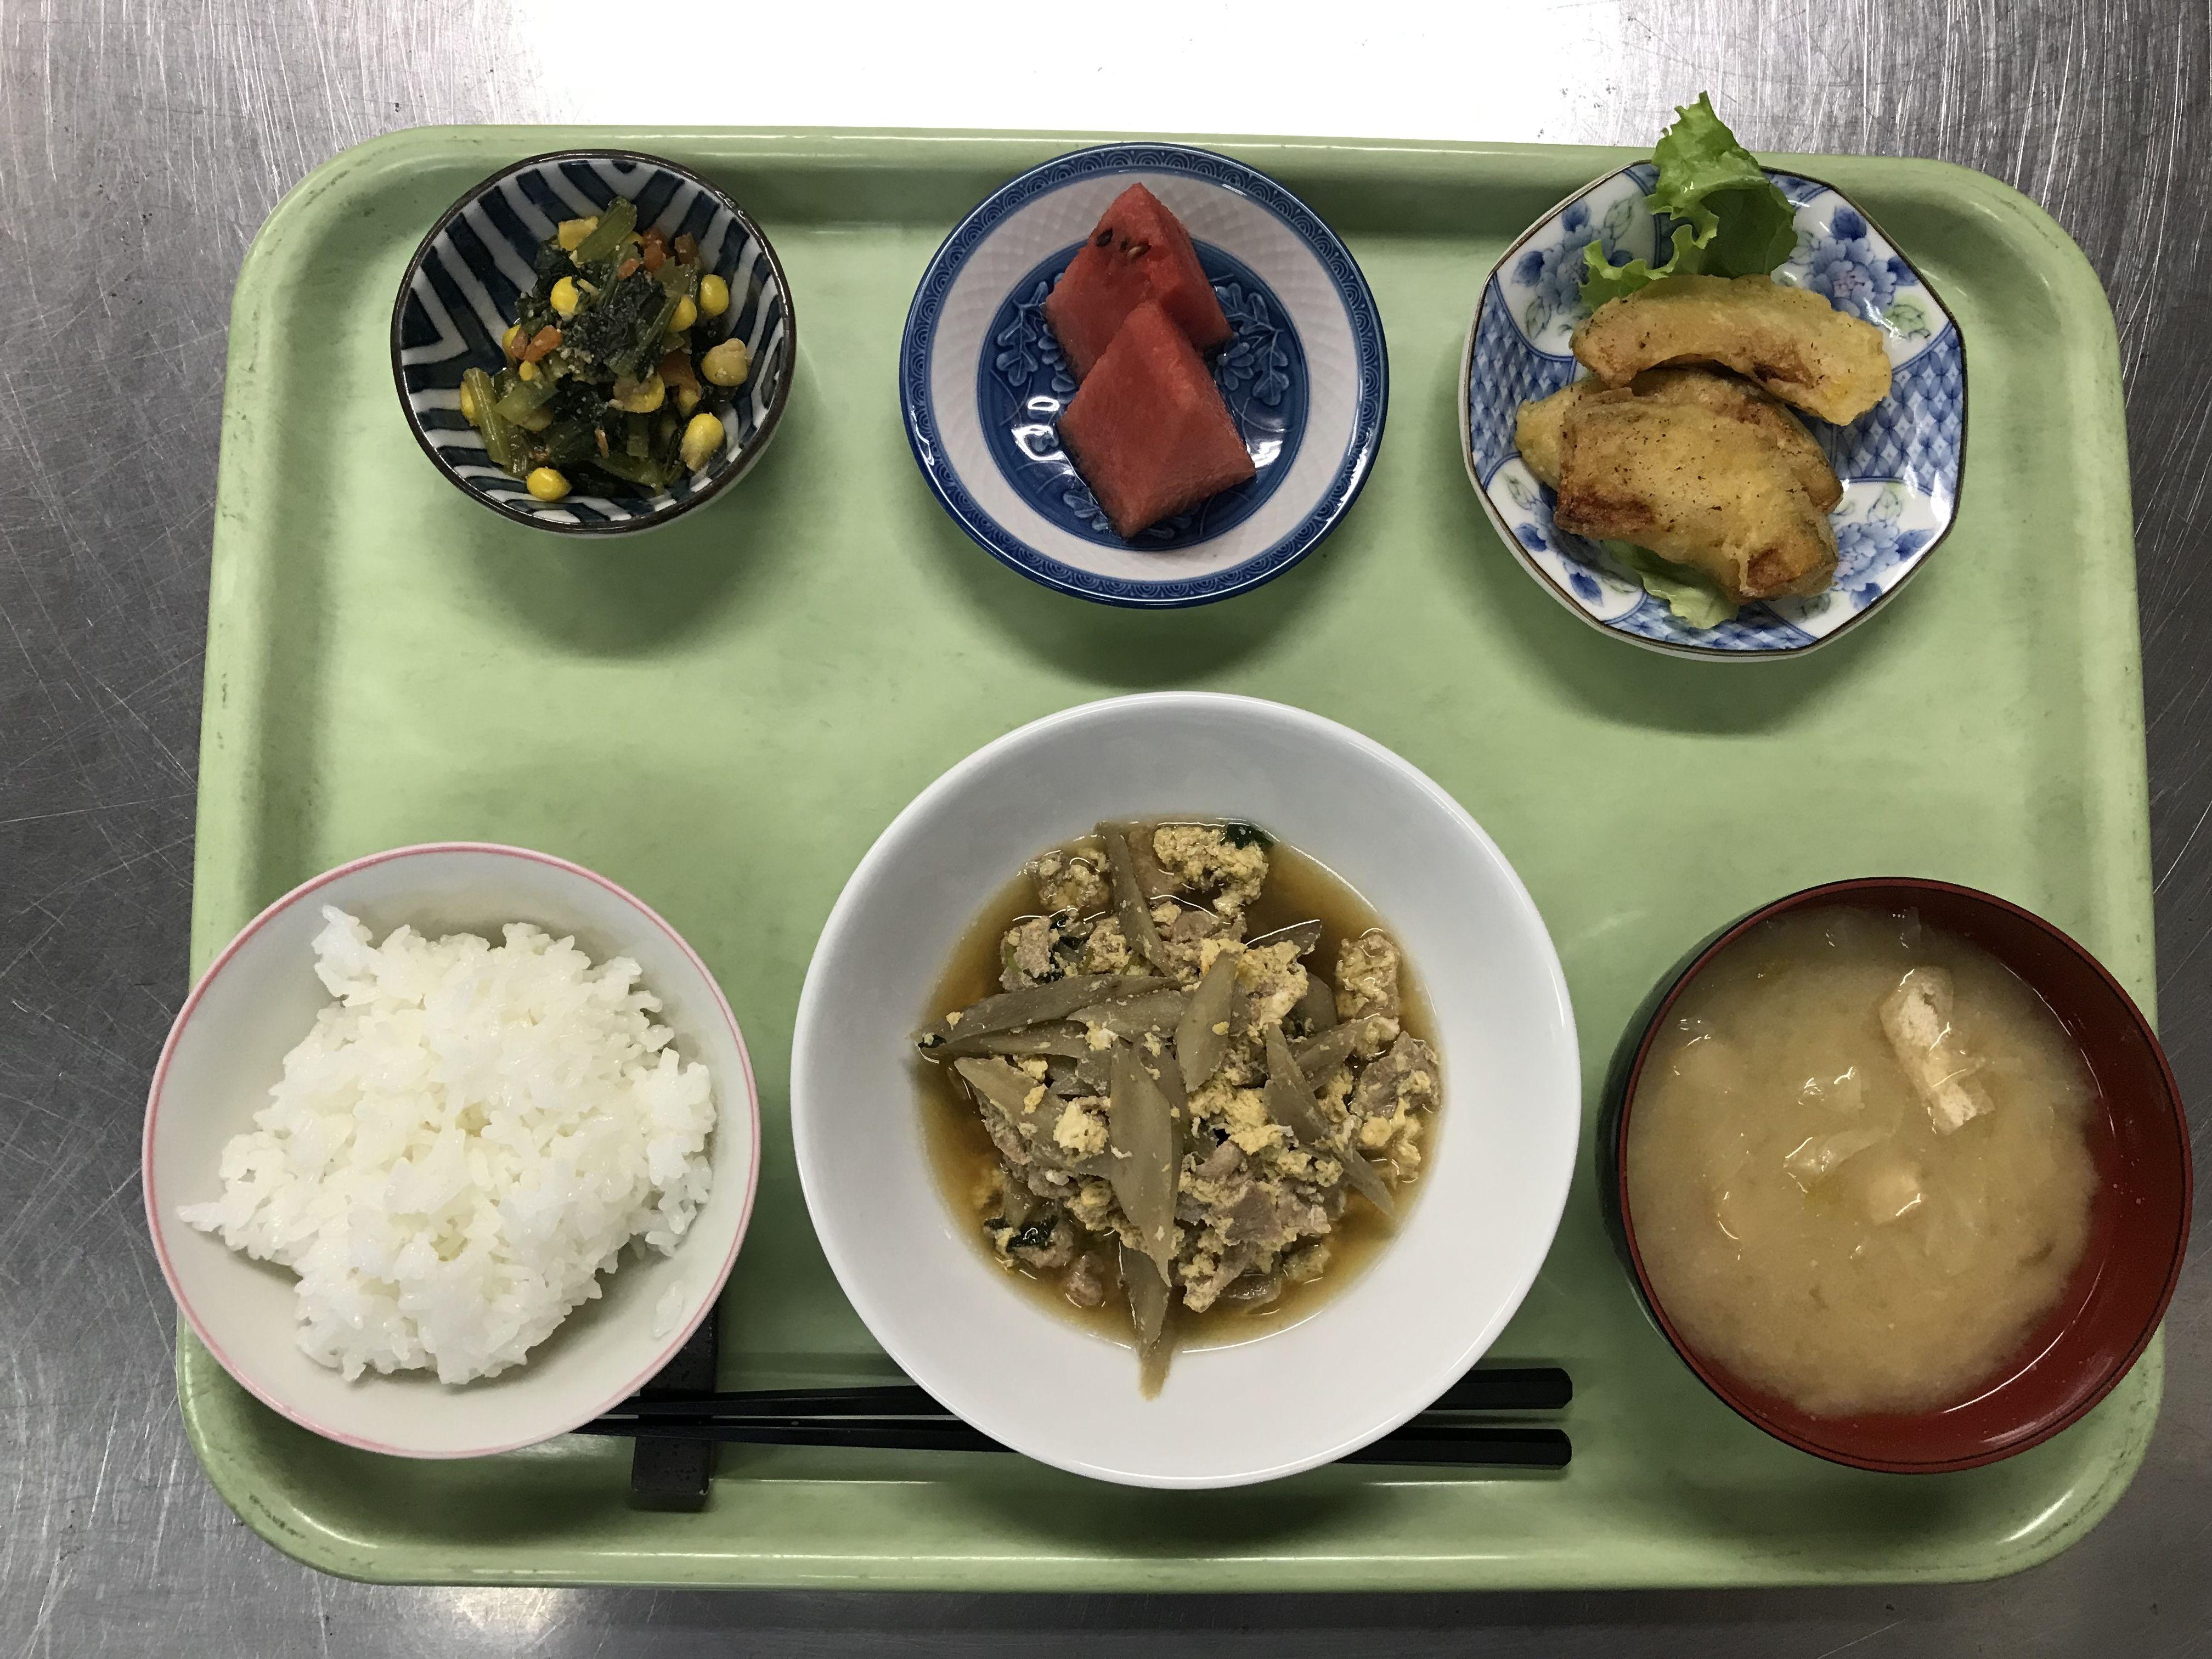 豚肉の柳川風煮、かぼちゃの天ぷら、青菜とコーンの胡麻和え、キャベツの味噌汁、スイカでした!青菜とコーンの胡麻和えが特に美味しかったです!639カロリーです